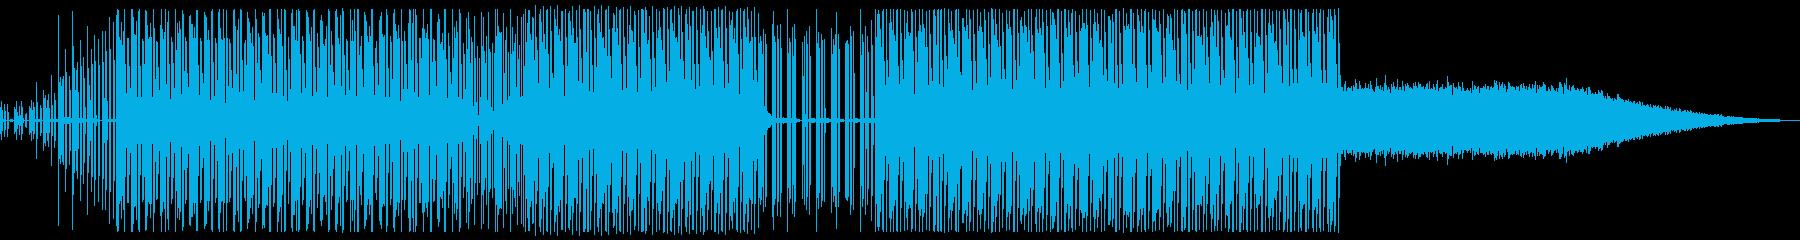 物流の流れをイメージした軽快なテクノの再生済みの波形